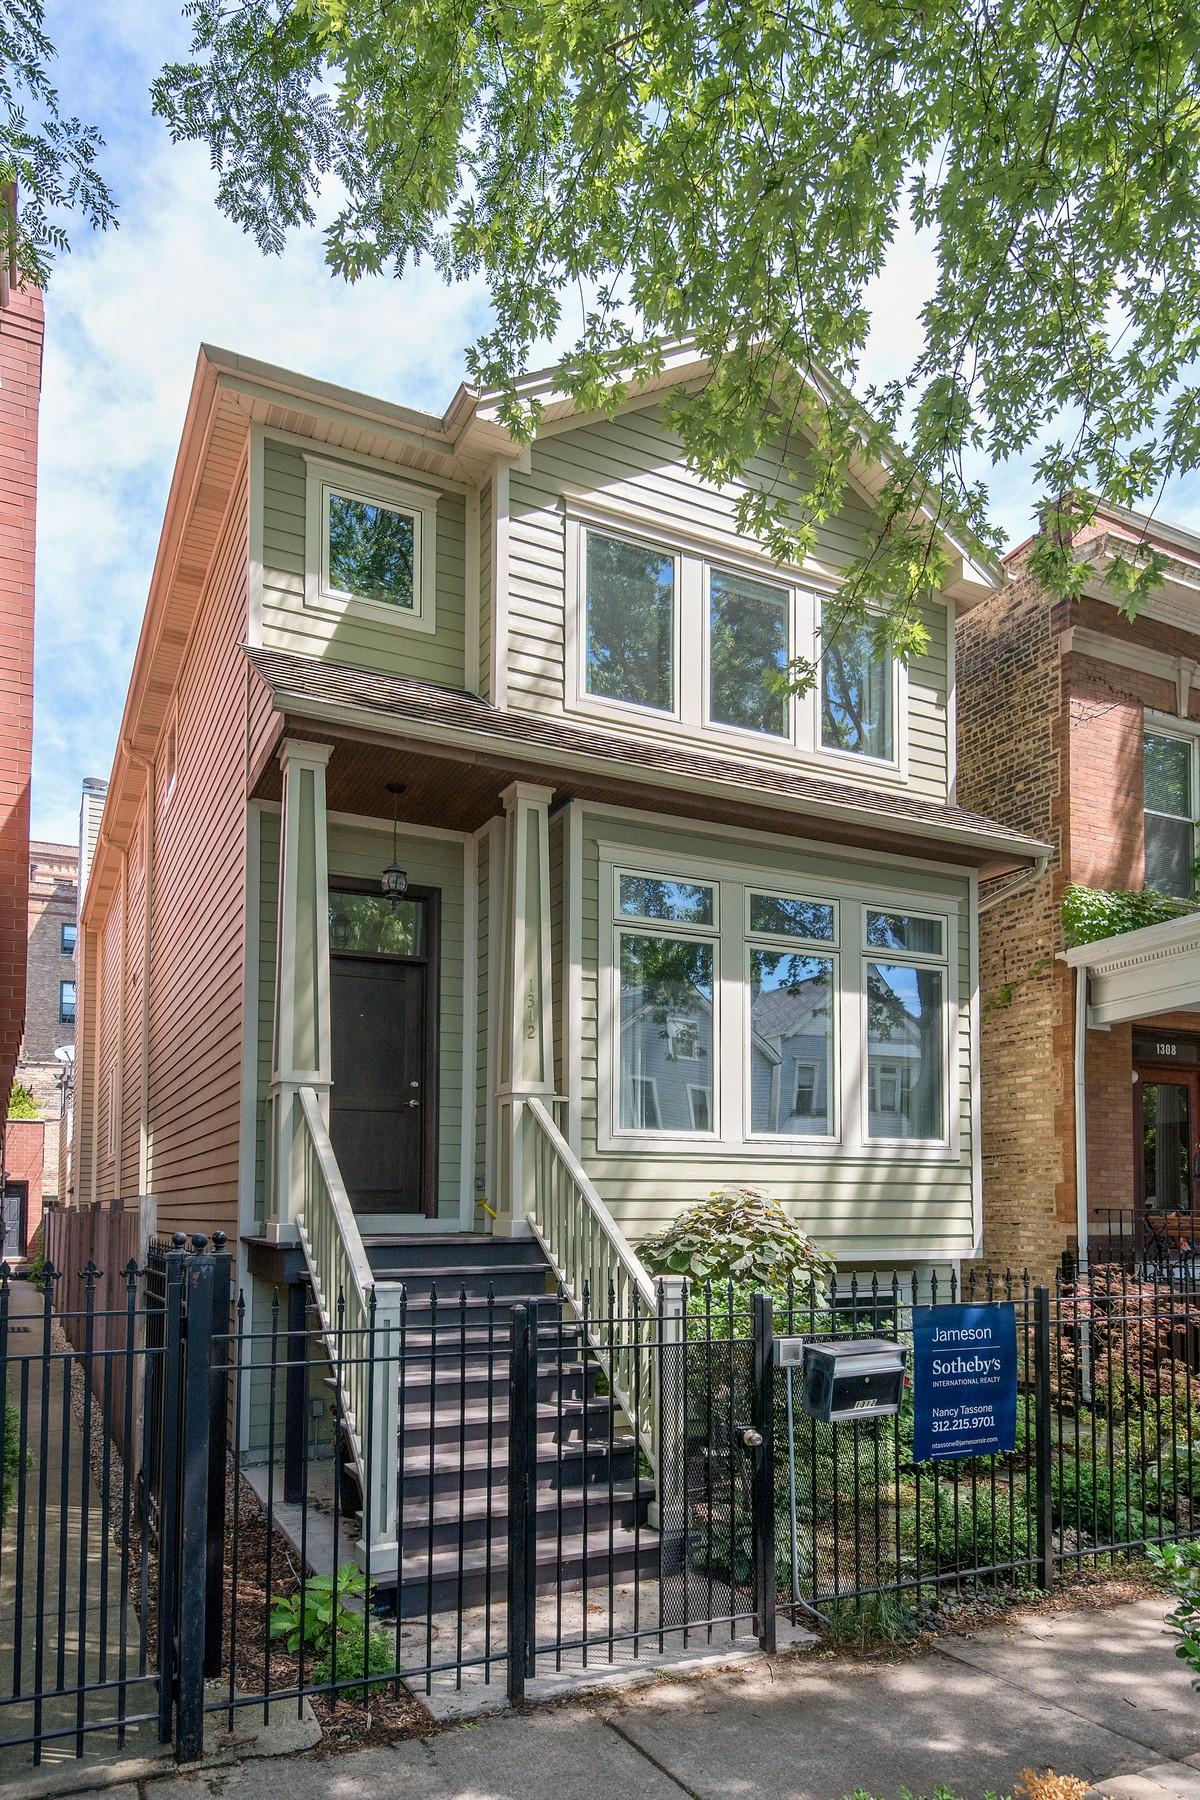 Casa para uma família para Venda às Perfect Lakeview Home In Burley School District! 1312 W Barry Avenue Lakeview, Chicago, Illinois, 60657 Estados Unidos